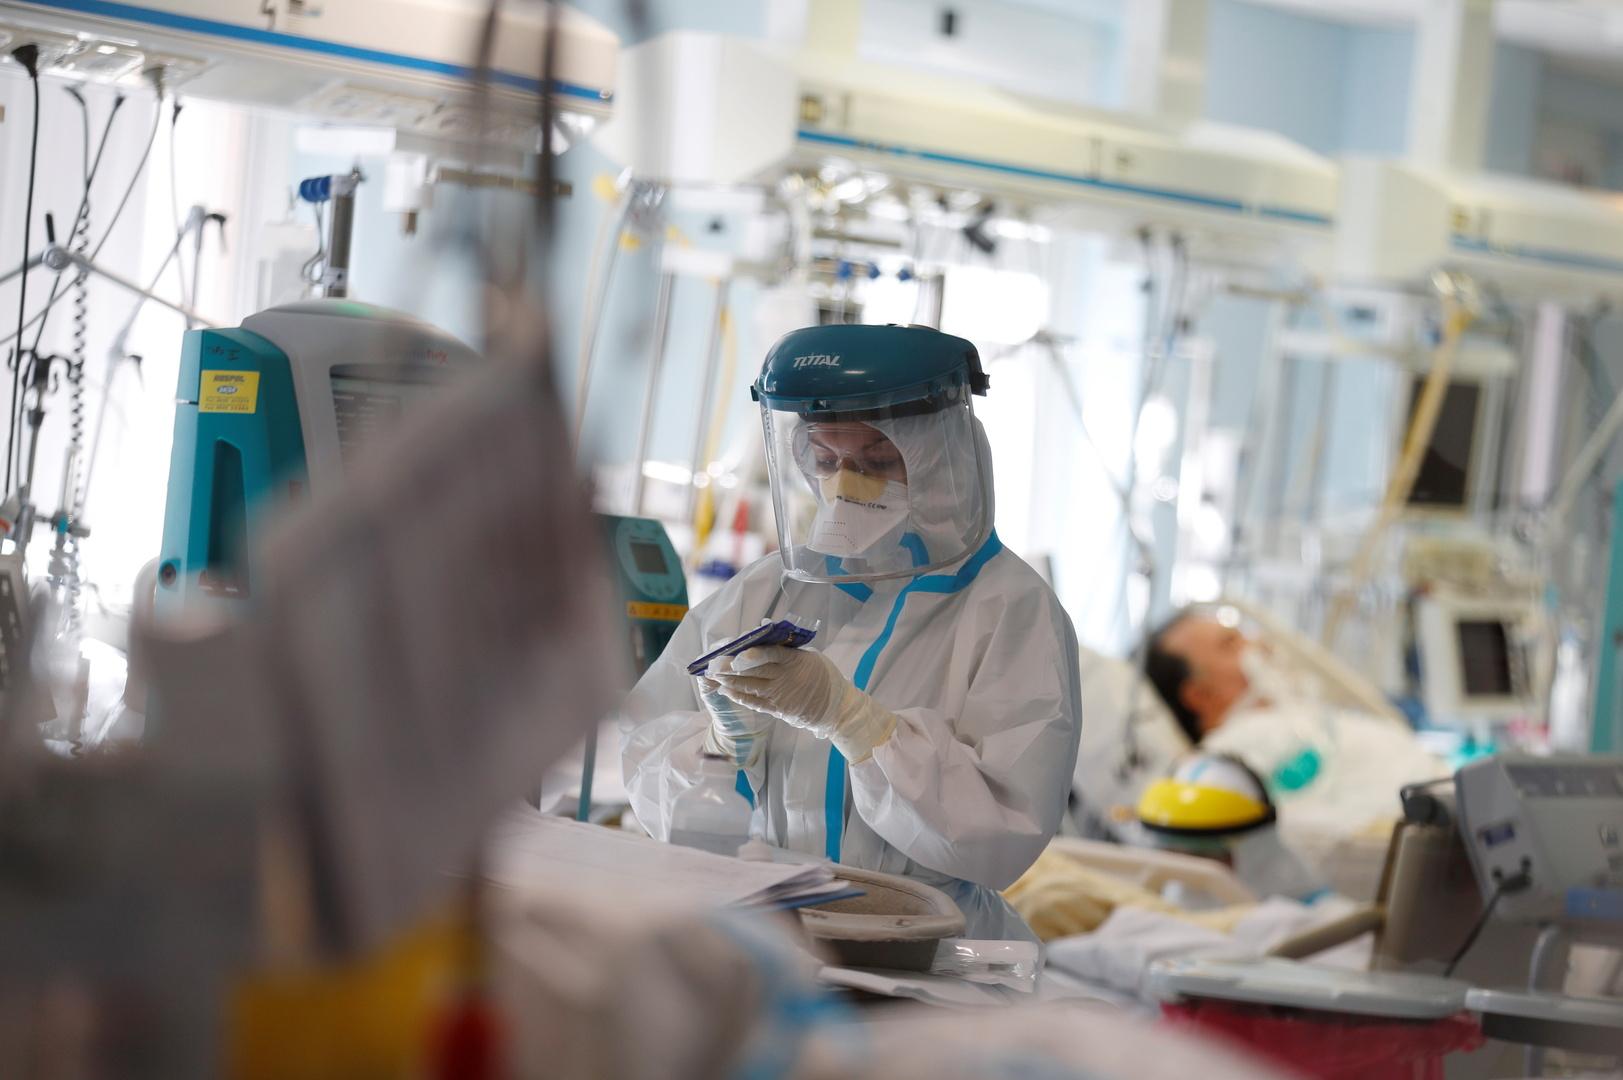 إيطاليا تسجل ارتفاعا غير مسبوق للإصابات بكورونا